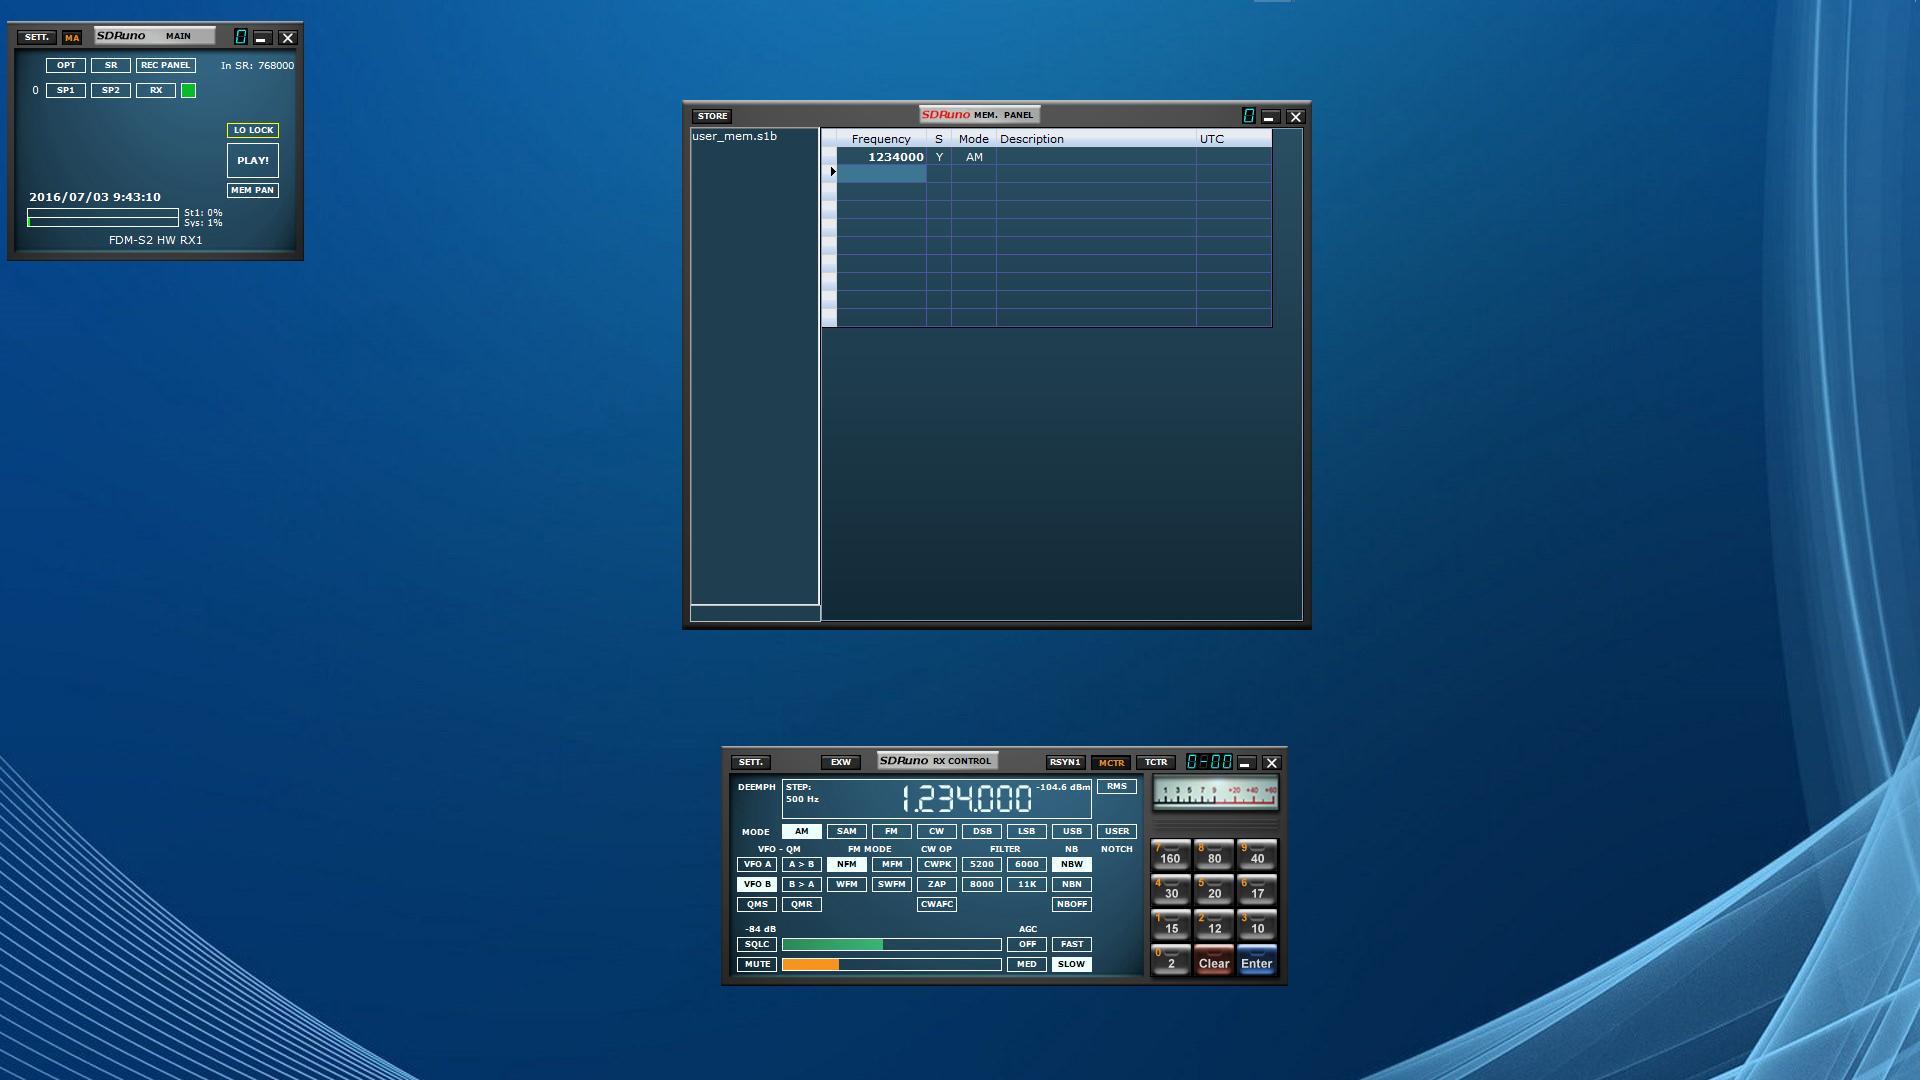 SDRuno メモリパネルへの書き込み操作 - SDR